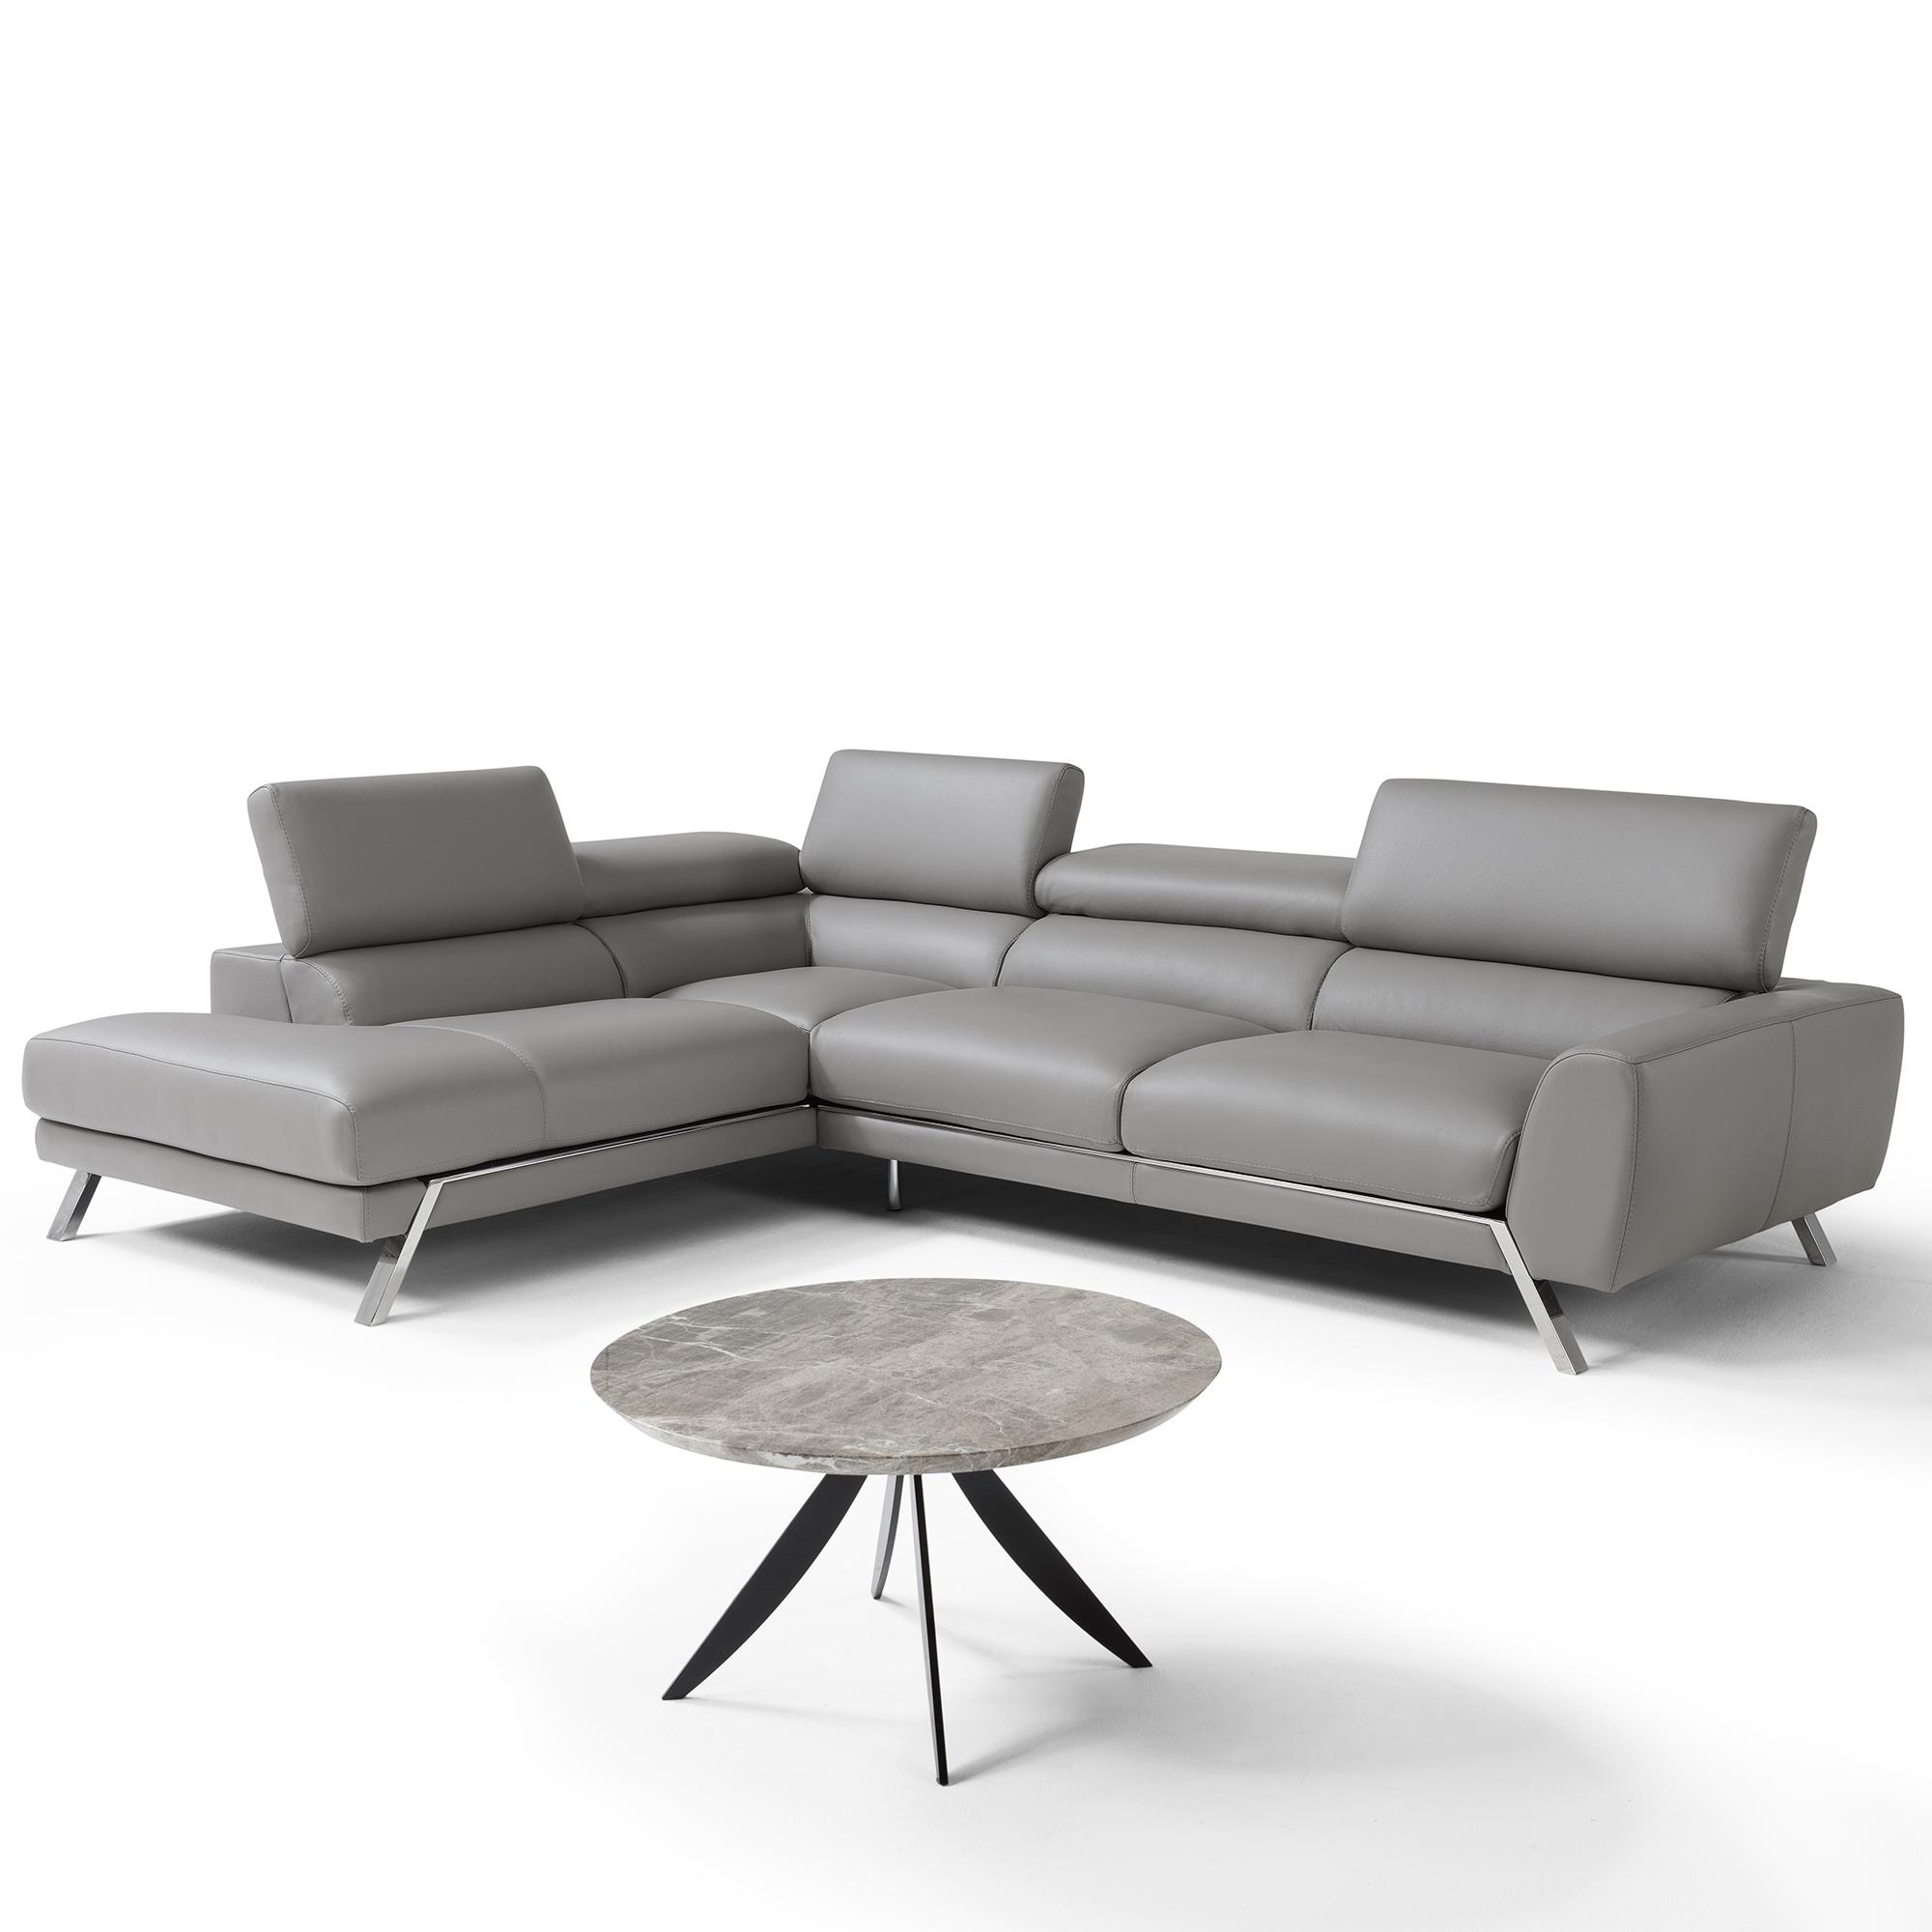 JM Furnishings LHFC Mood Motion Sectional Sofa w Left